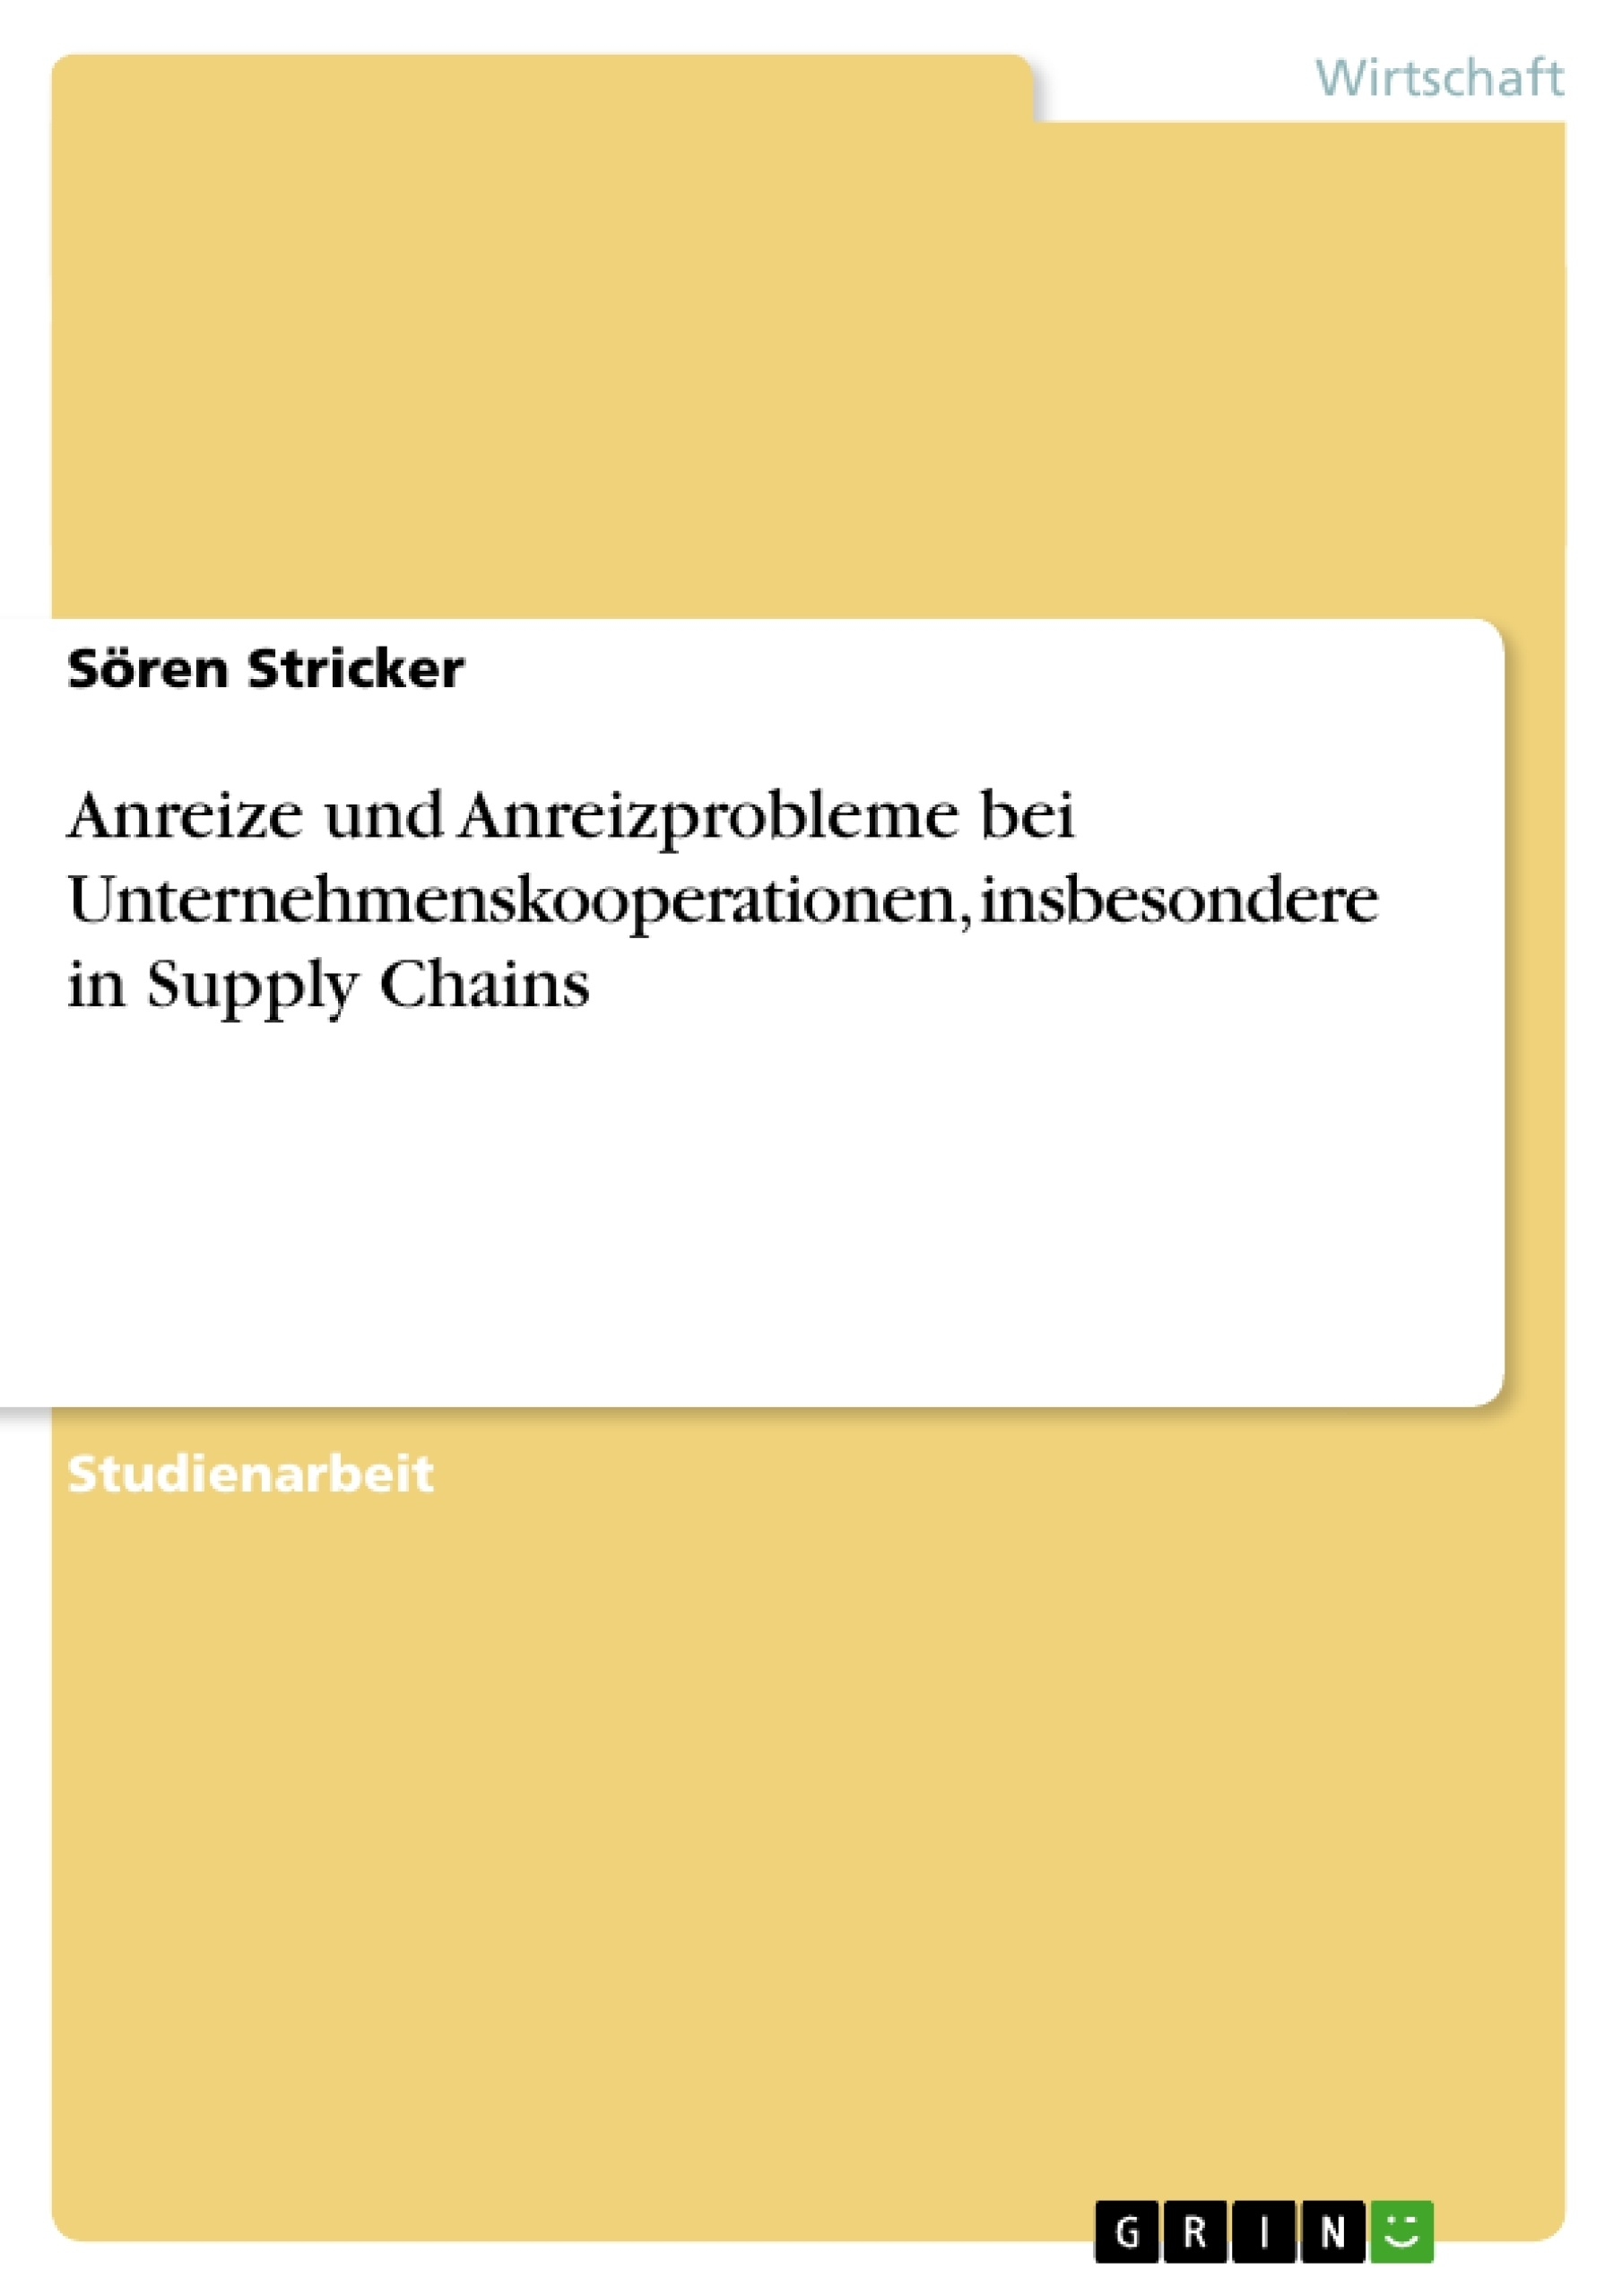 Titel: Anreize und Anreizprobleme bei Unternehmenskooperationen, insbesondere in Supply Chains